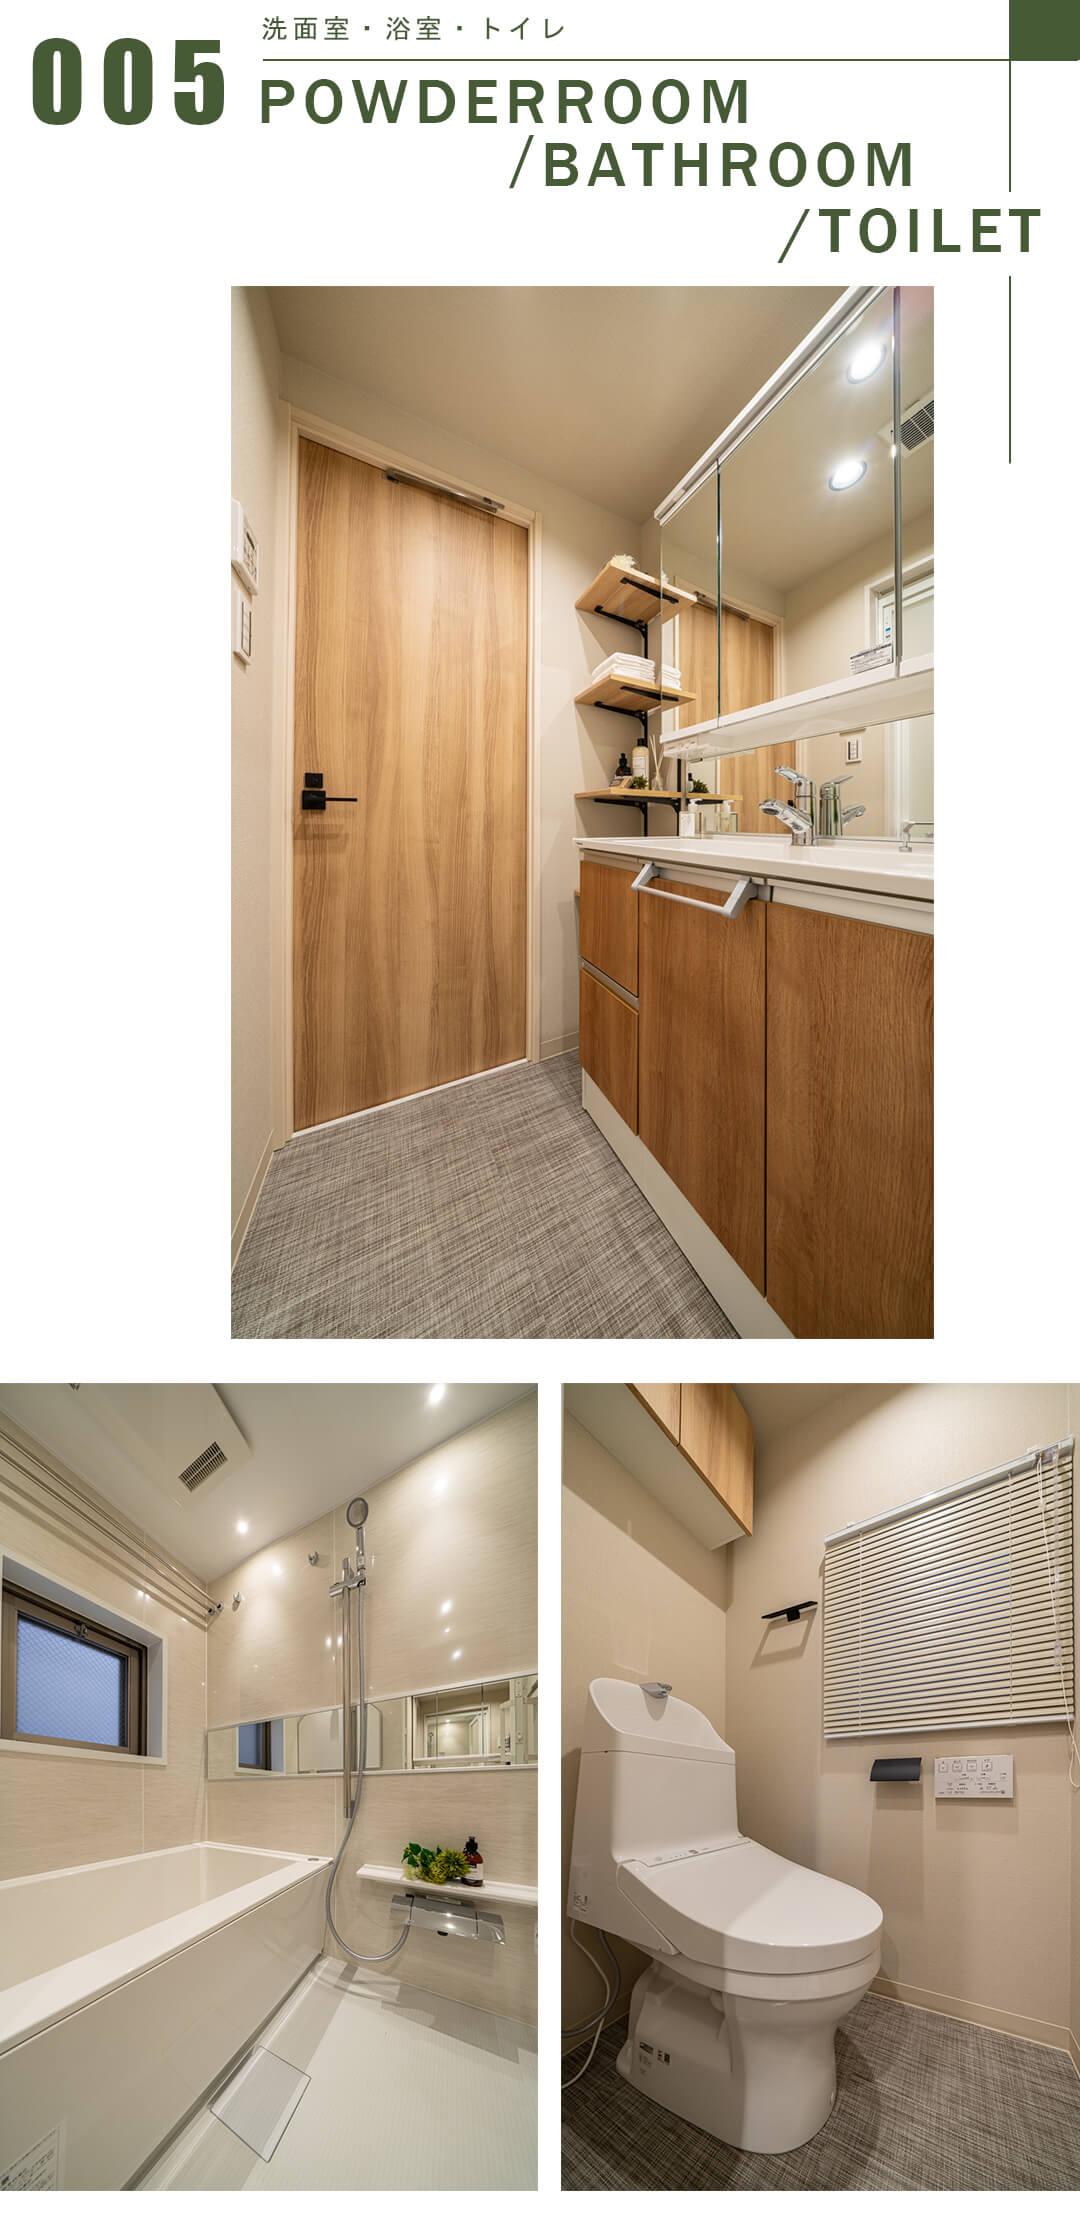 レ・ベント柿の木坂の洗面室と浴室とトイレ